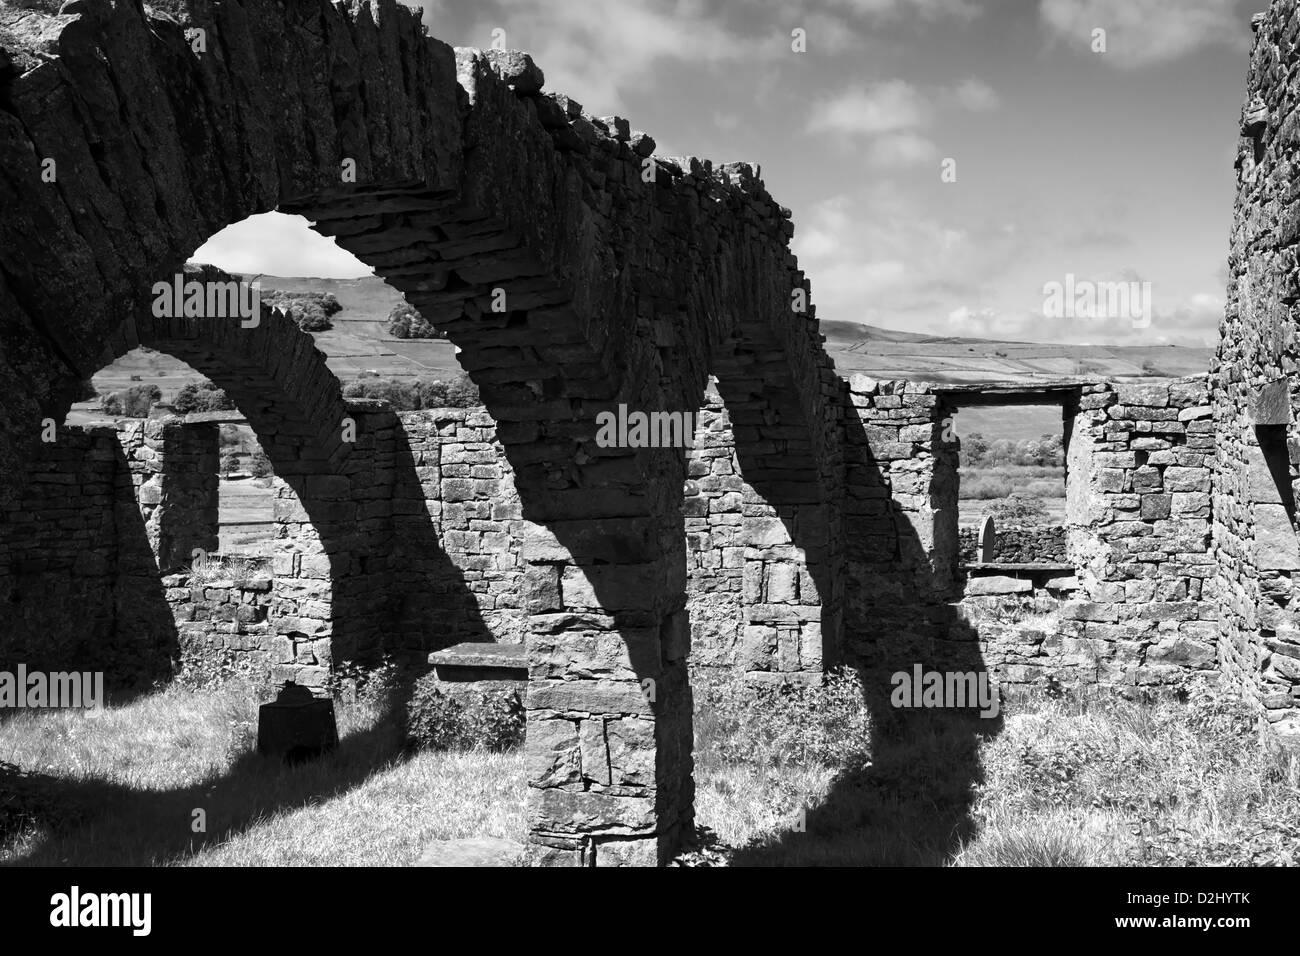 La ruine de l'ancienne église, Calage Busk, Raydale Yorkshire Dales National Park, England Banque D'Images